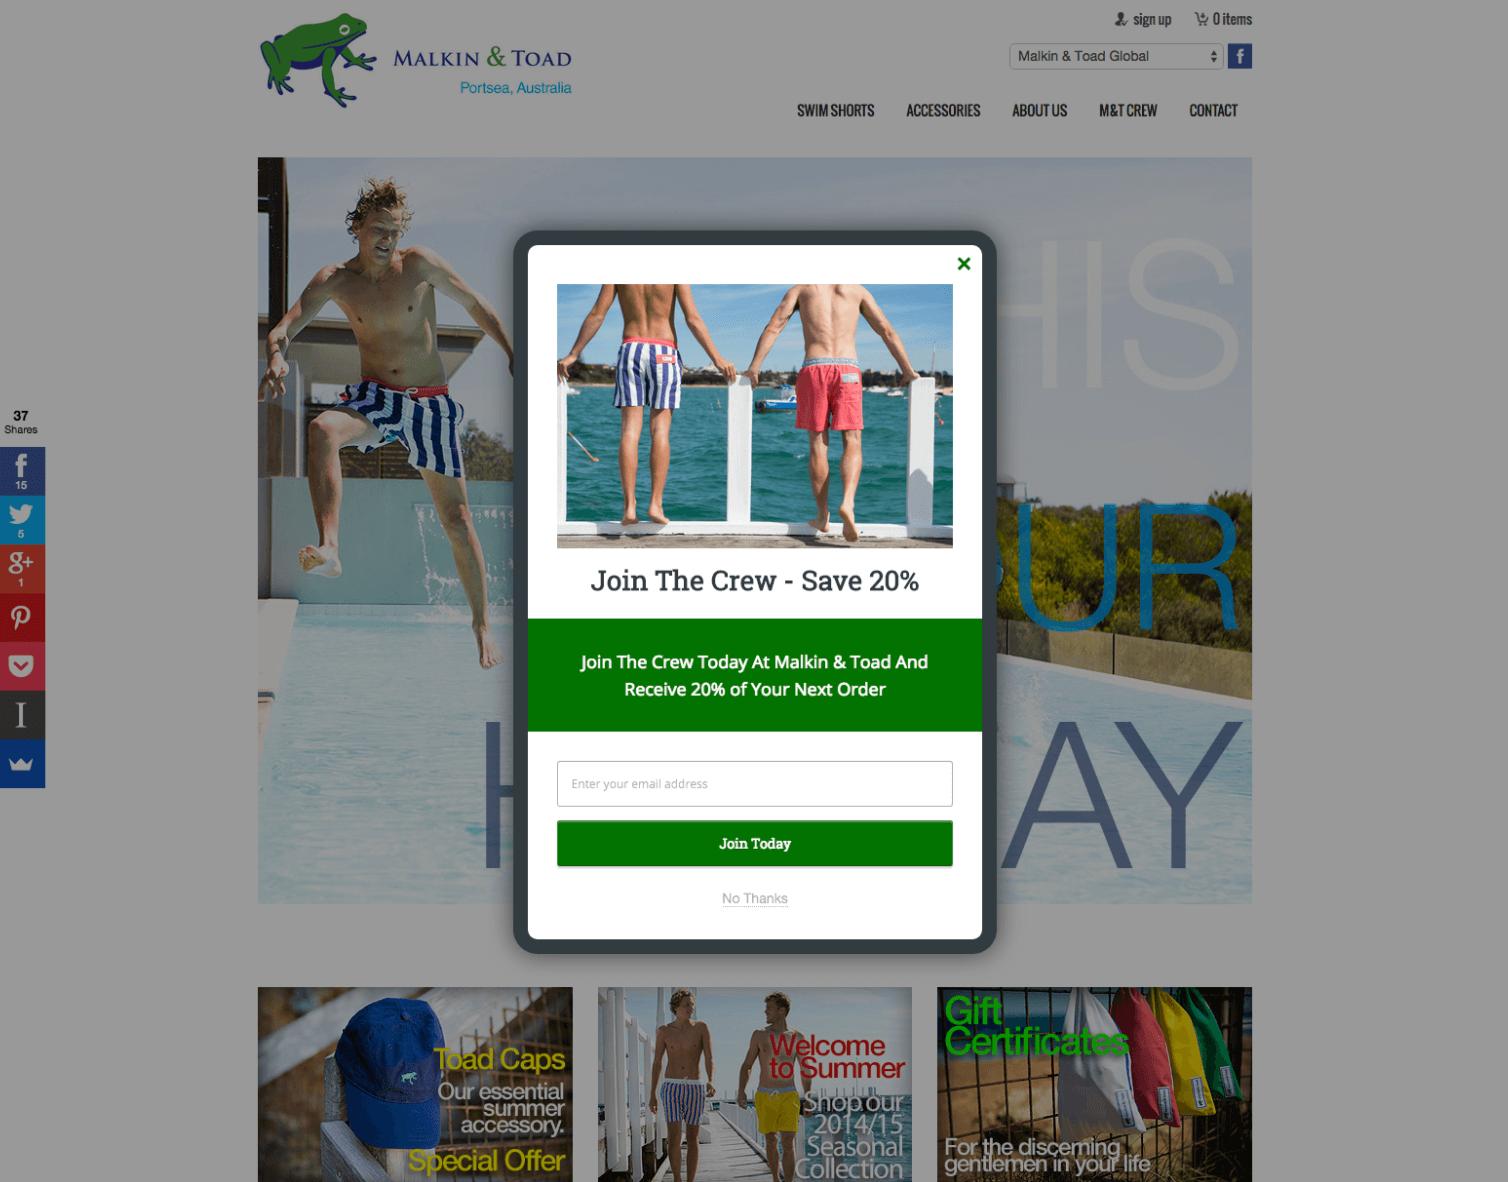 Screenshot showing a discount offer popup